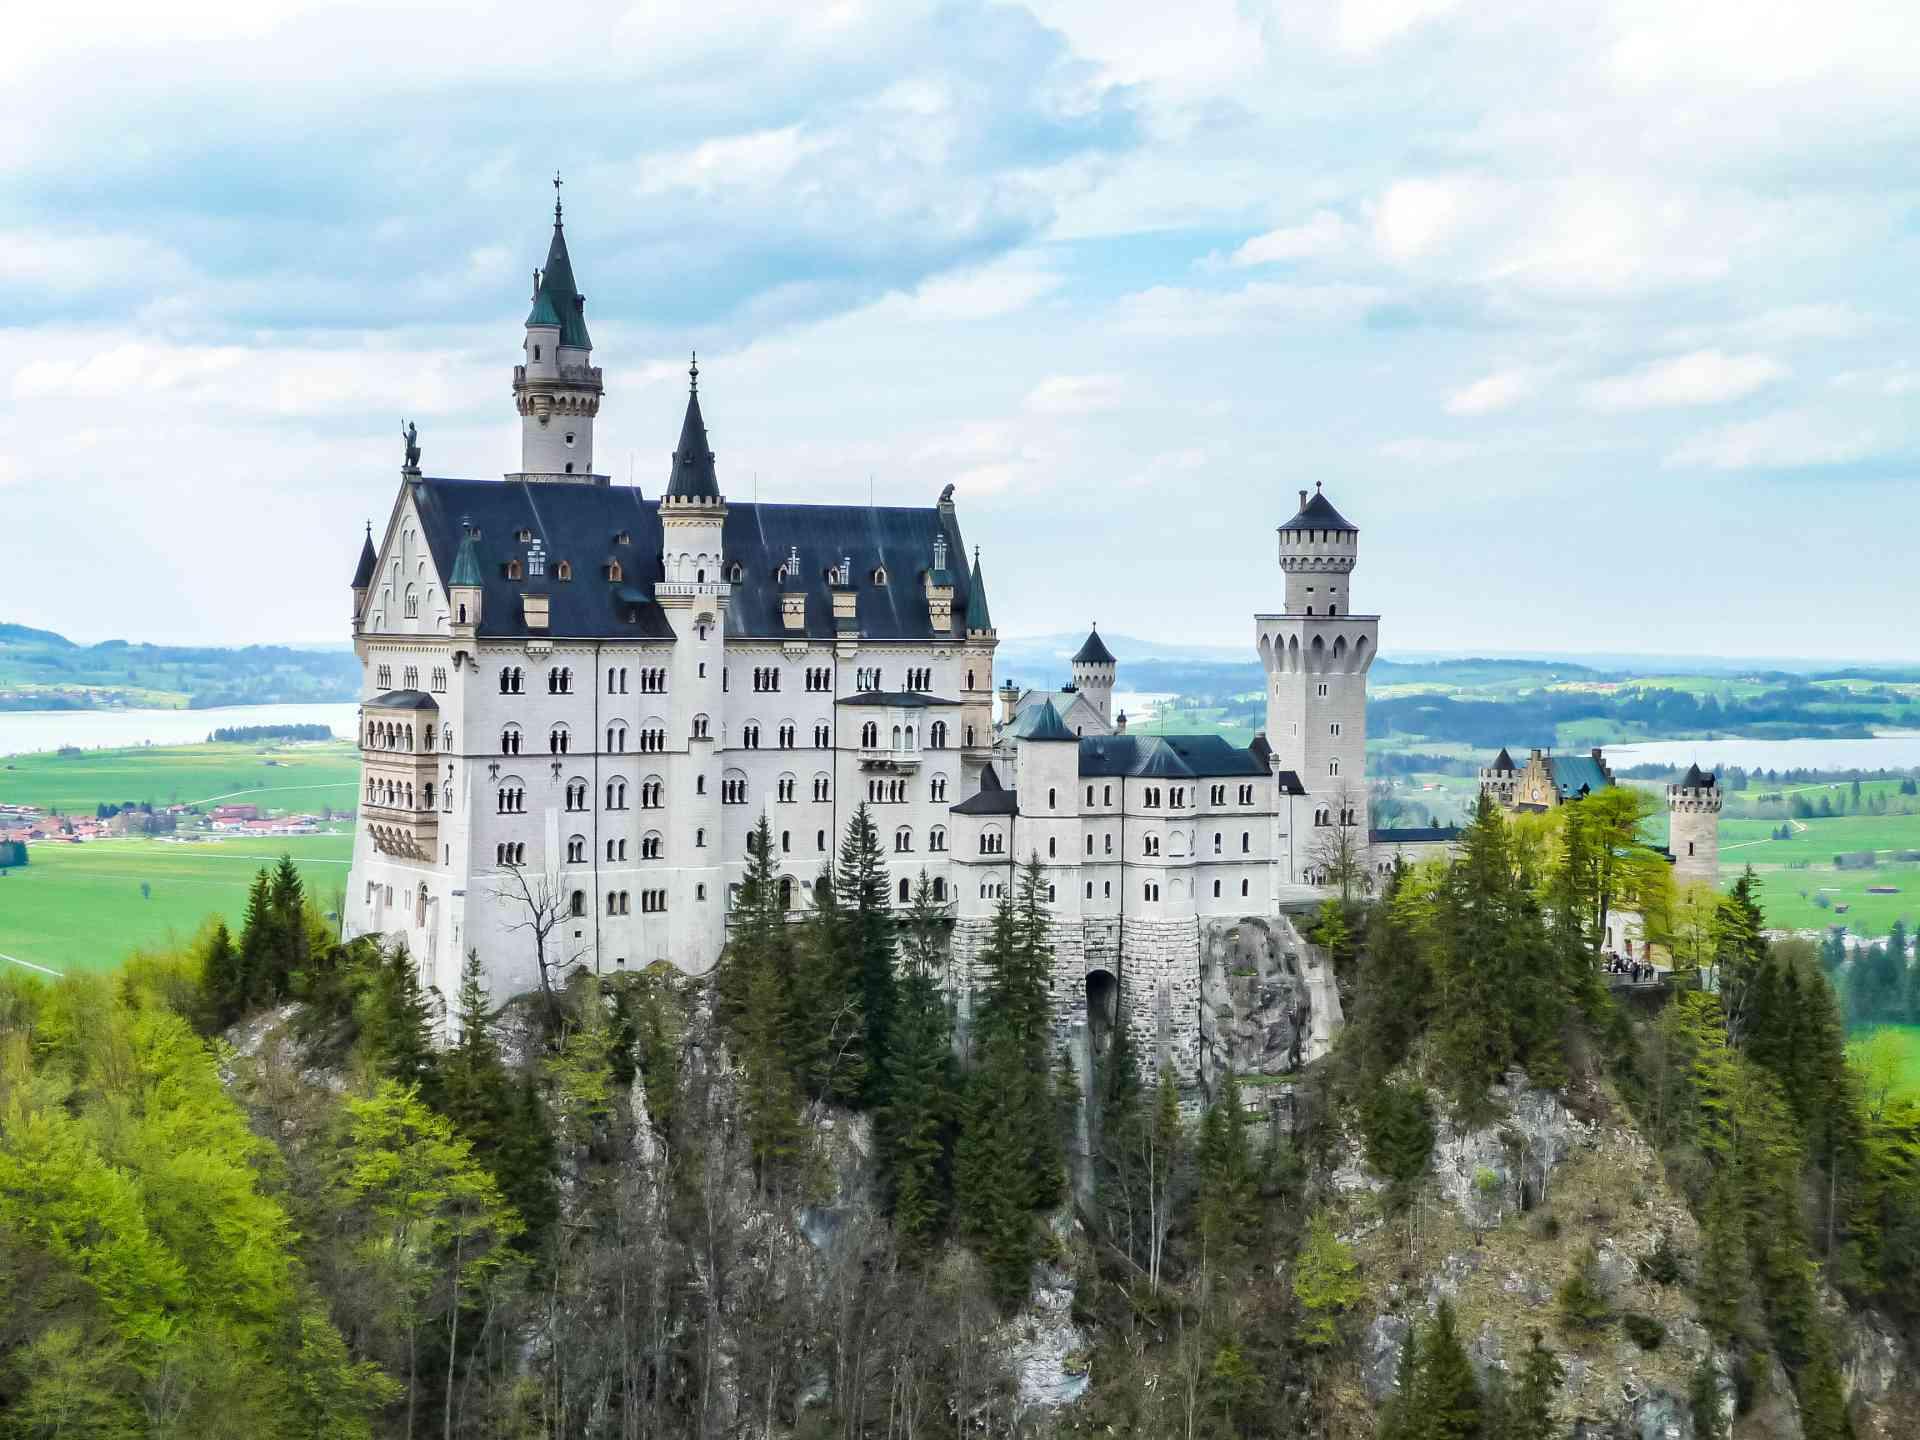 Neuschwanstein Castle, Germany by Dennis Bunnik